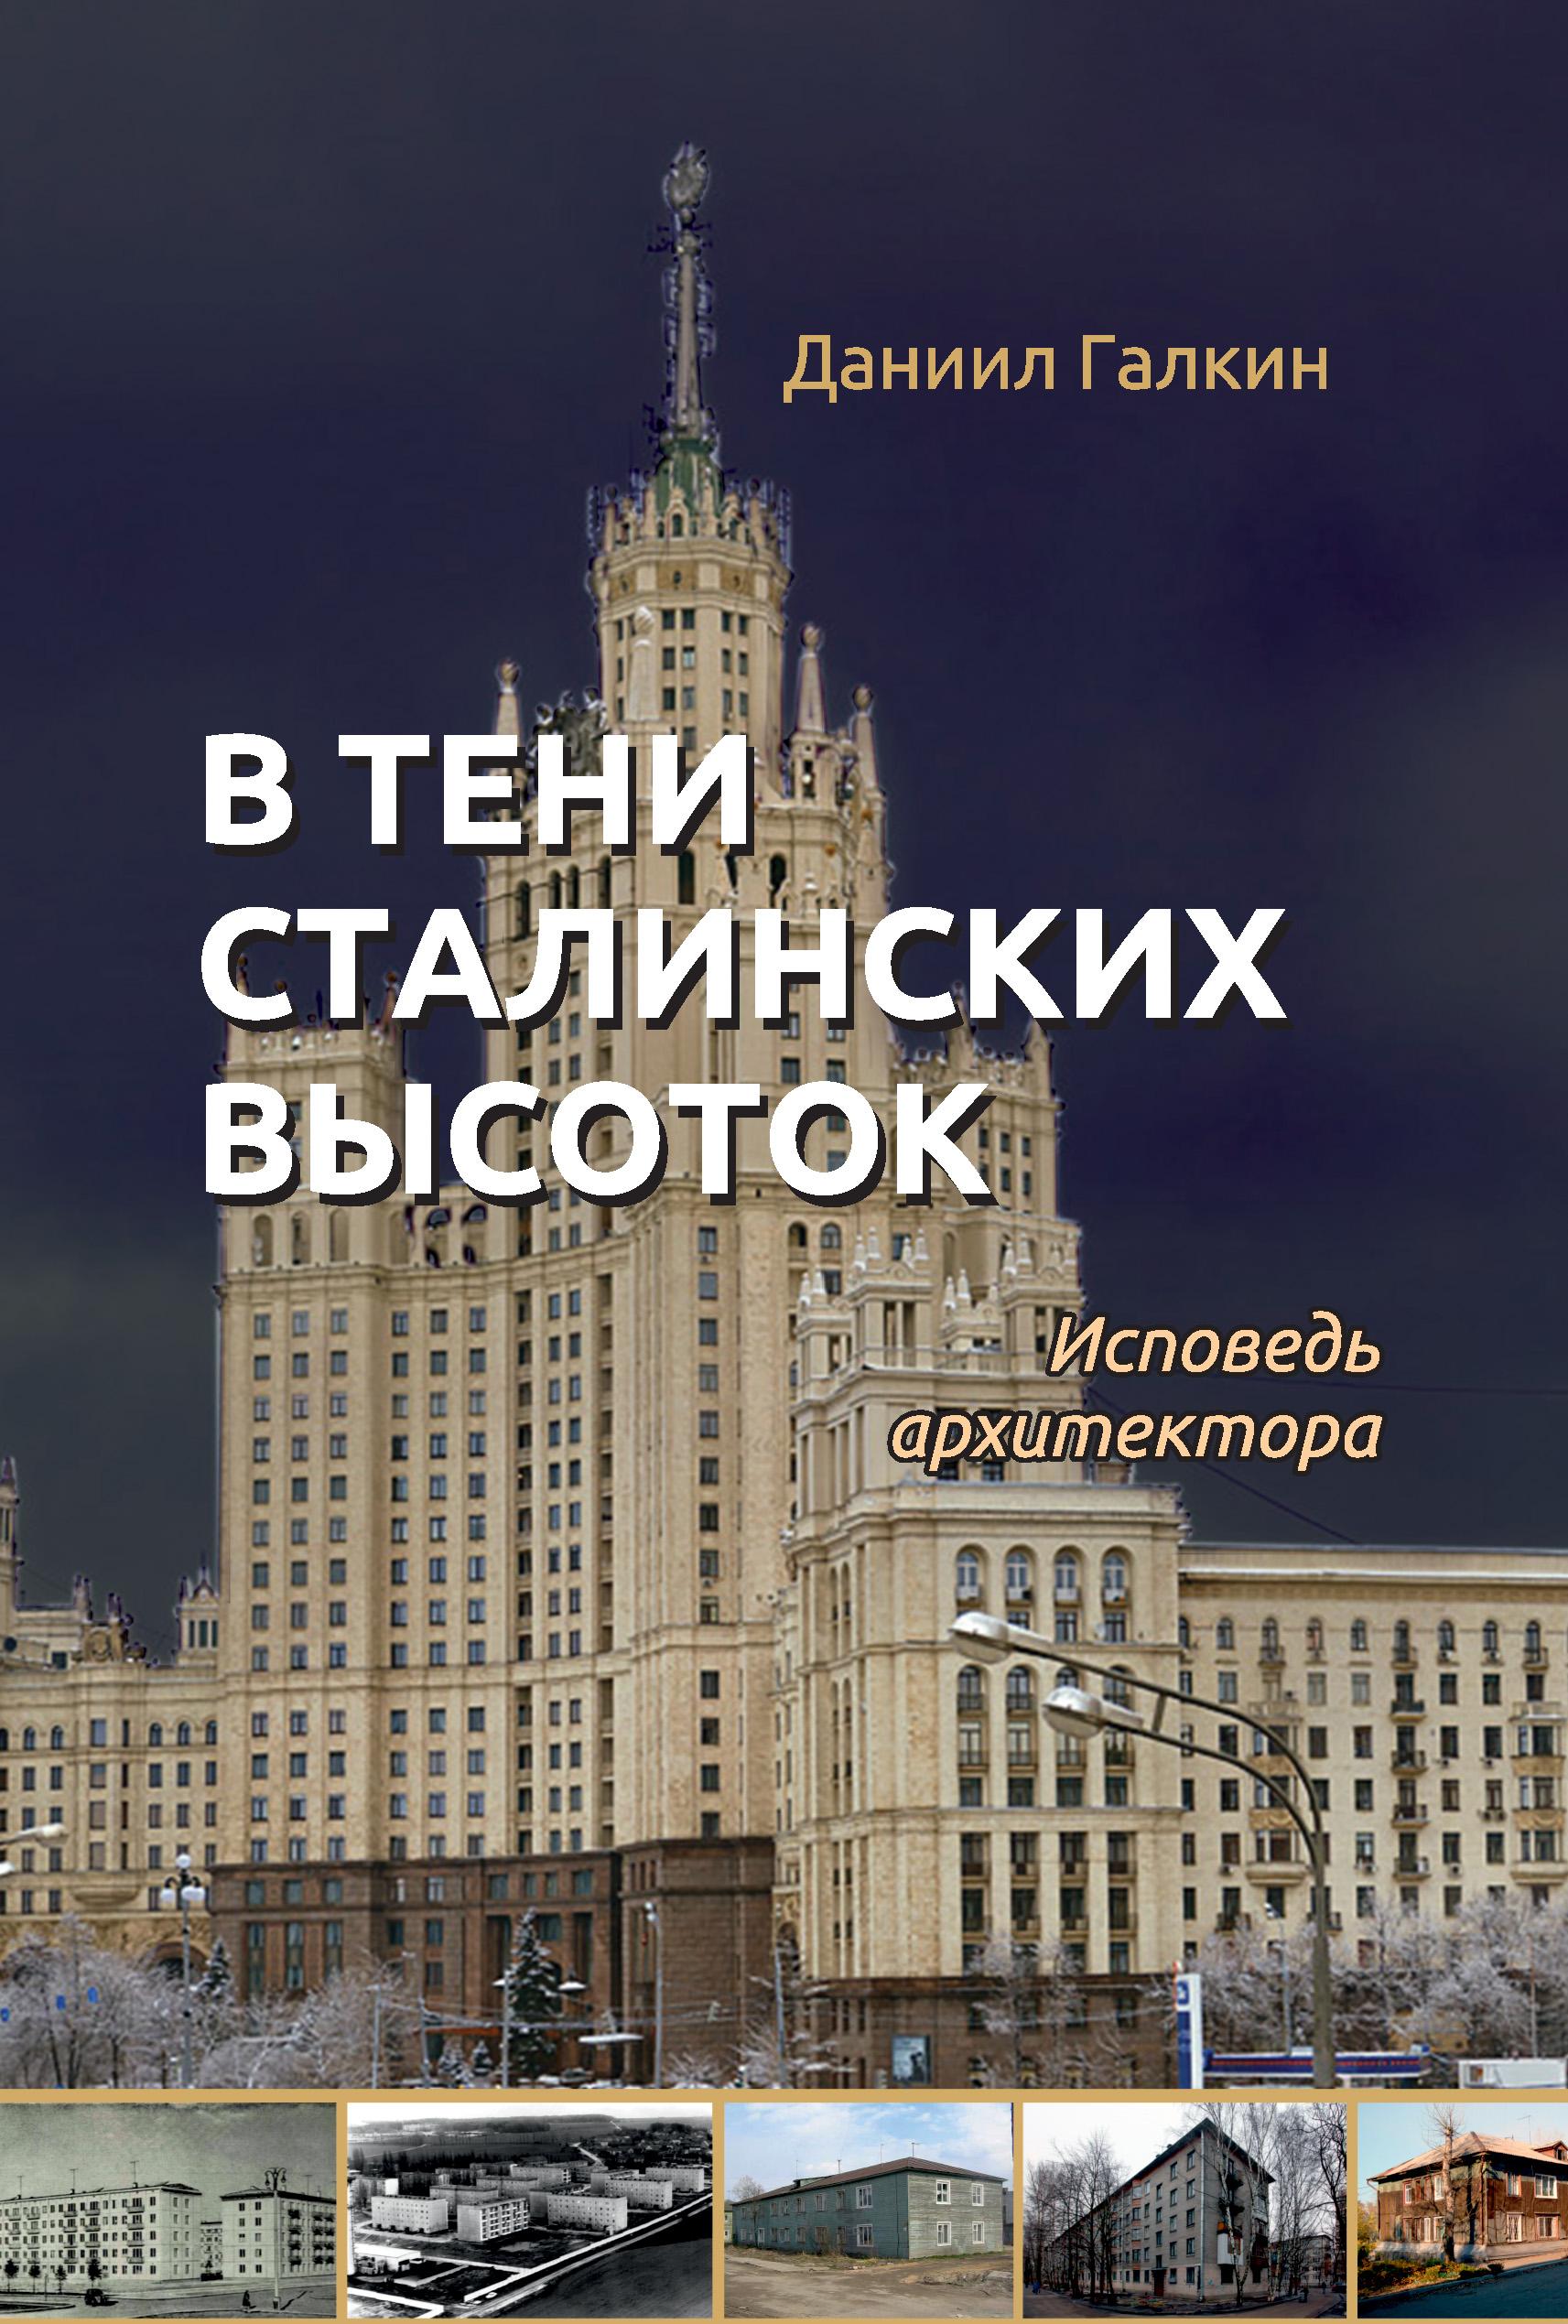 Кто попал в книгу рекордов гиннеса из сталинских высоток